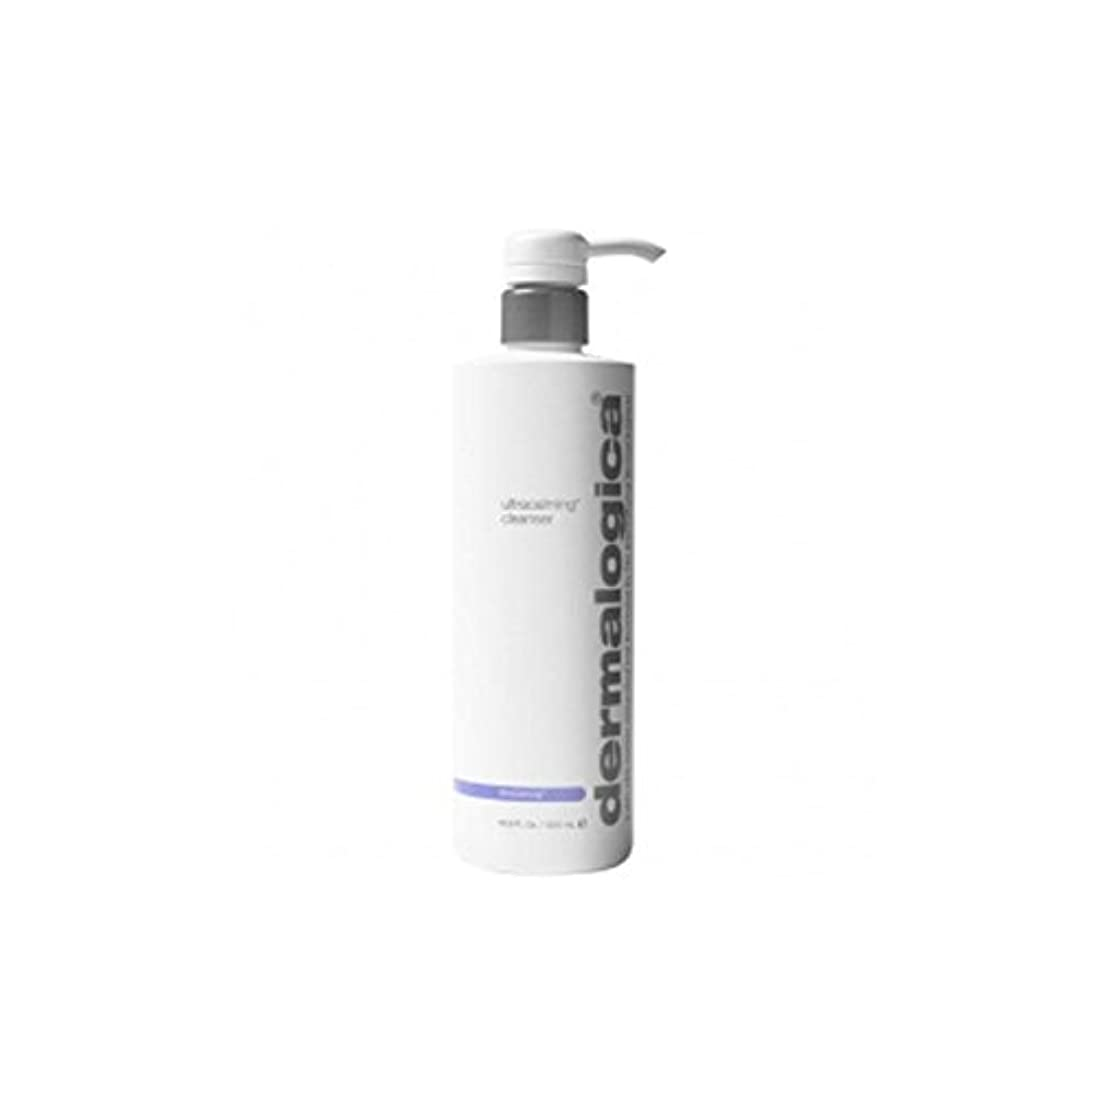 夜明け割り当てます幾分Dermalogica Ultracalming Cleanser (500ml) (Pack of 6) - ダーマロジカクレンザー(500ミリリットル) x6 [並行輸入品]